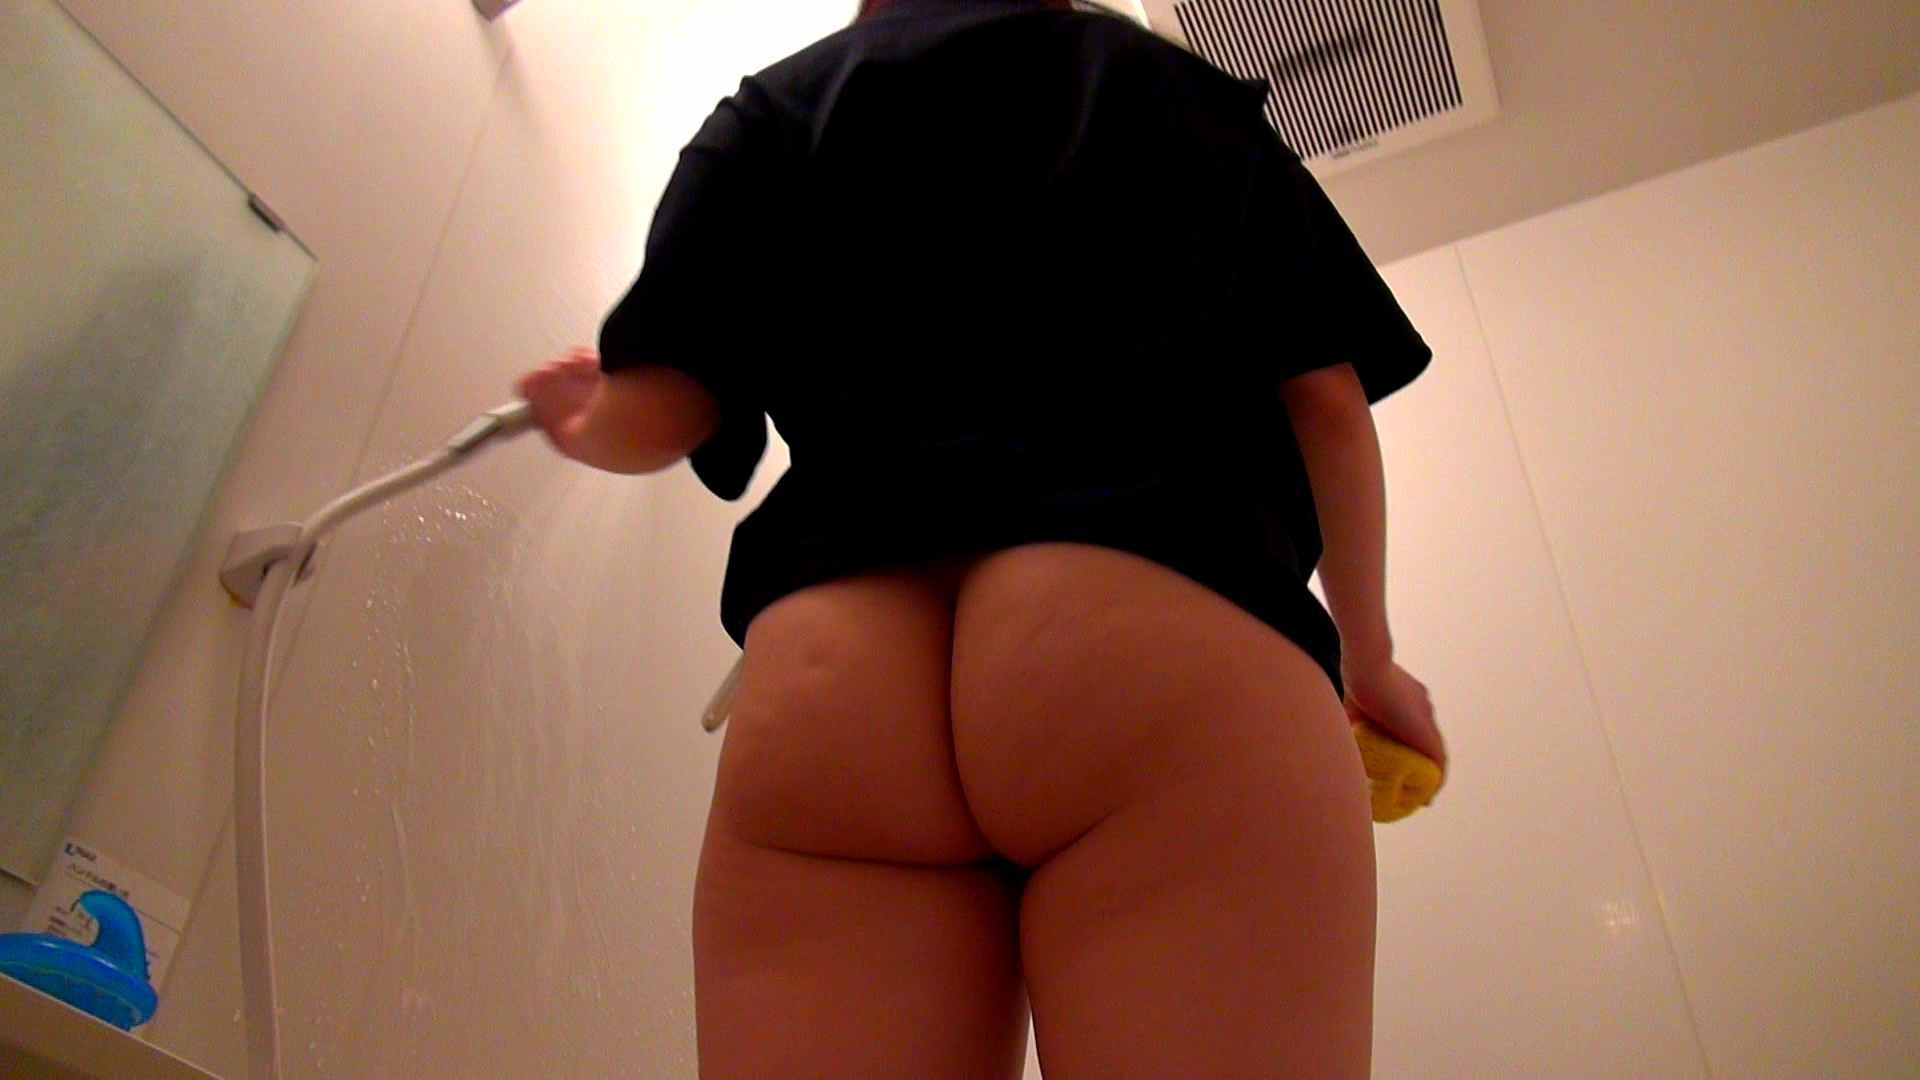 下半身裸で風呂の掃除をしてもらいました。 覗き SEX無修正画像 93PIX 83